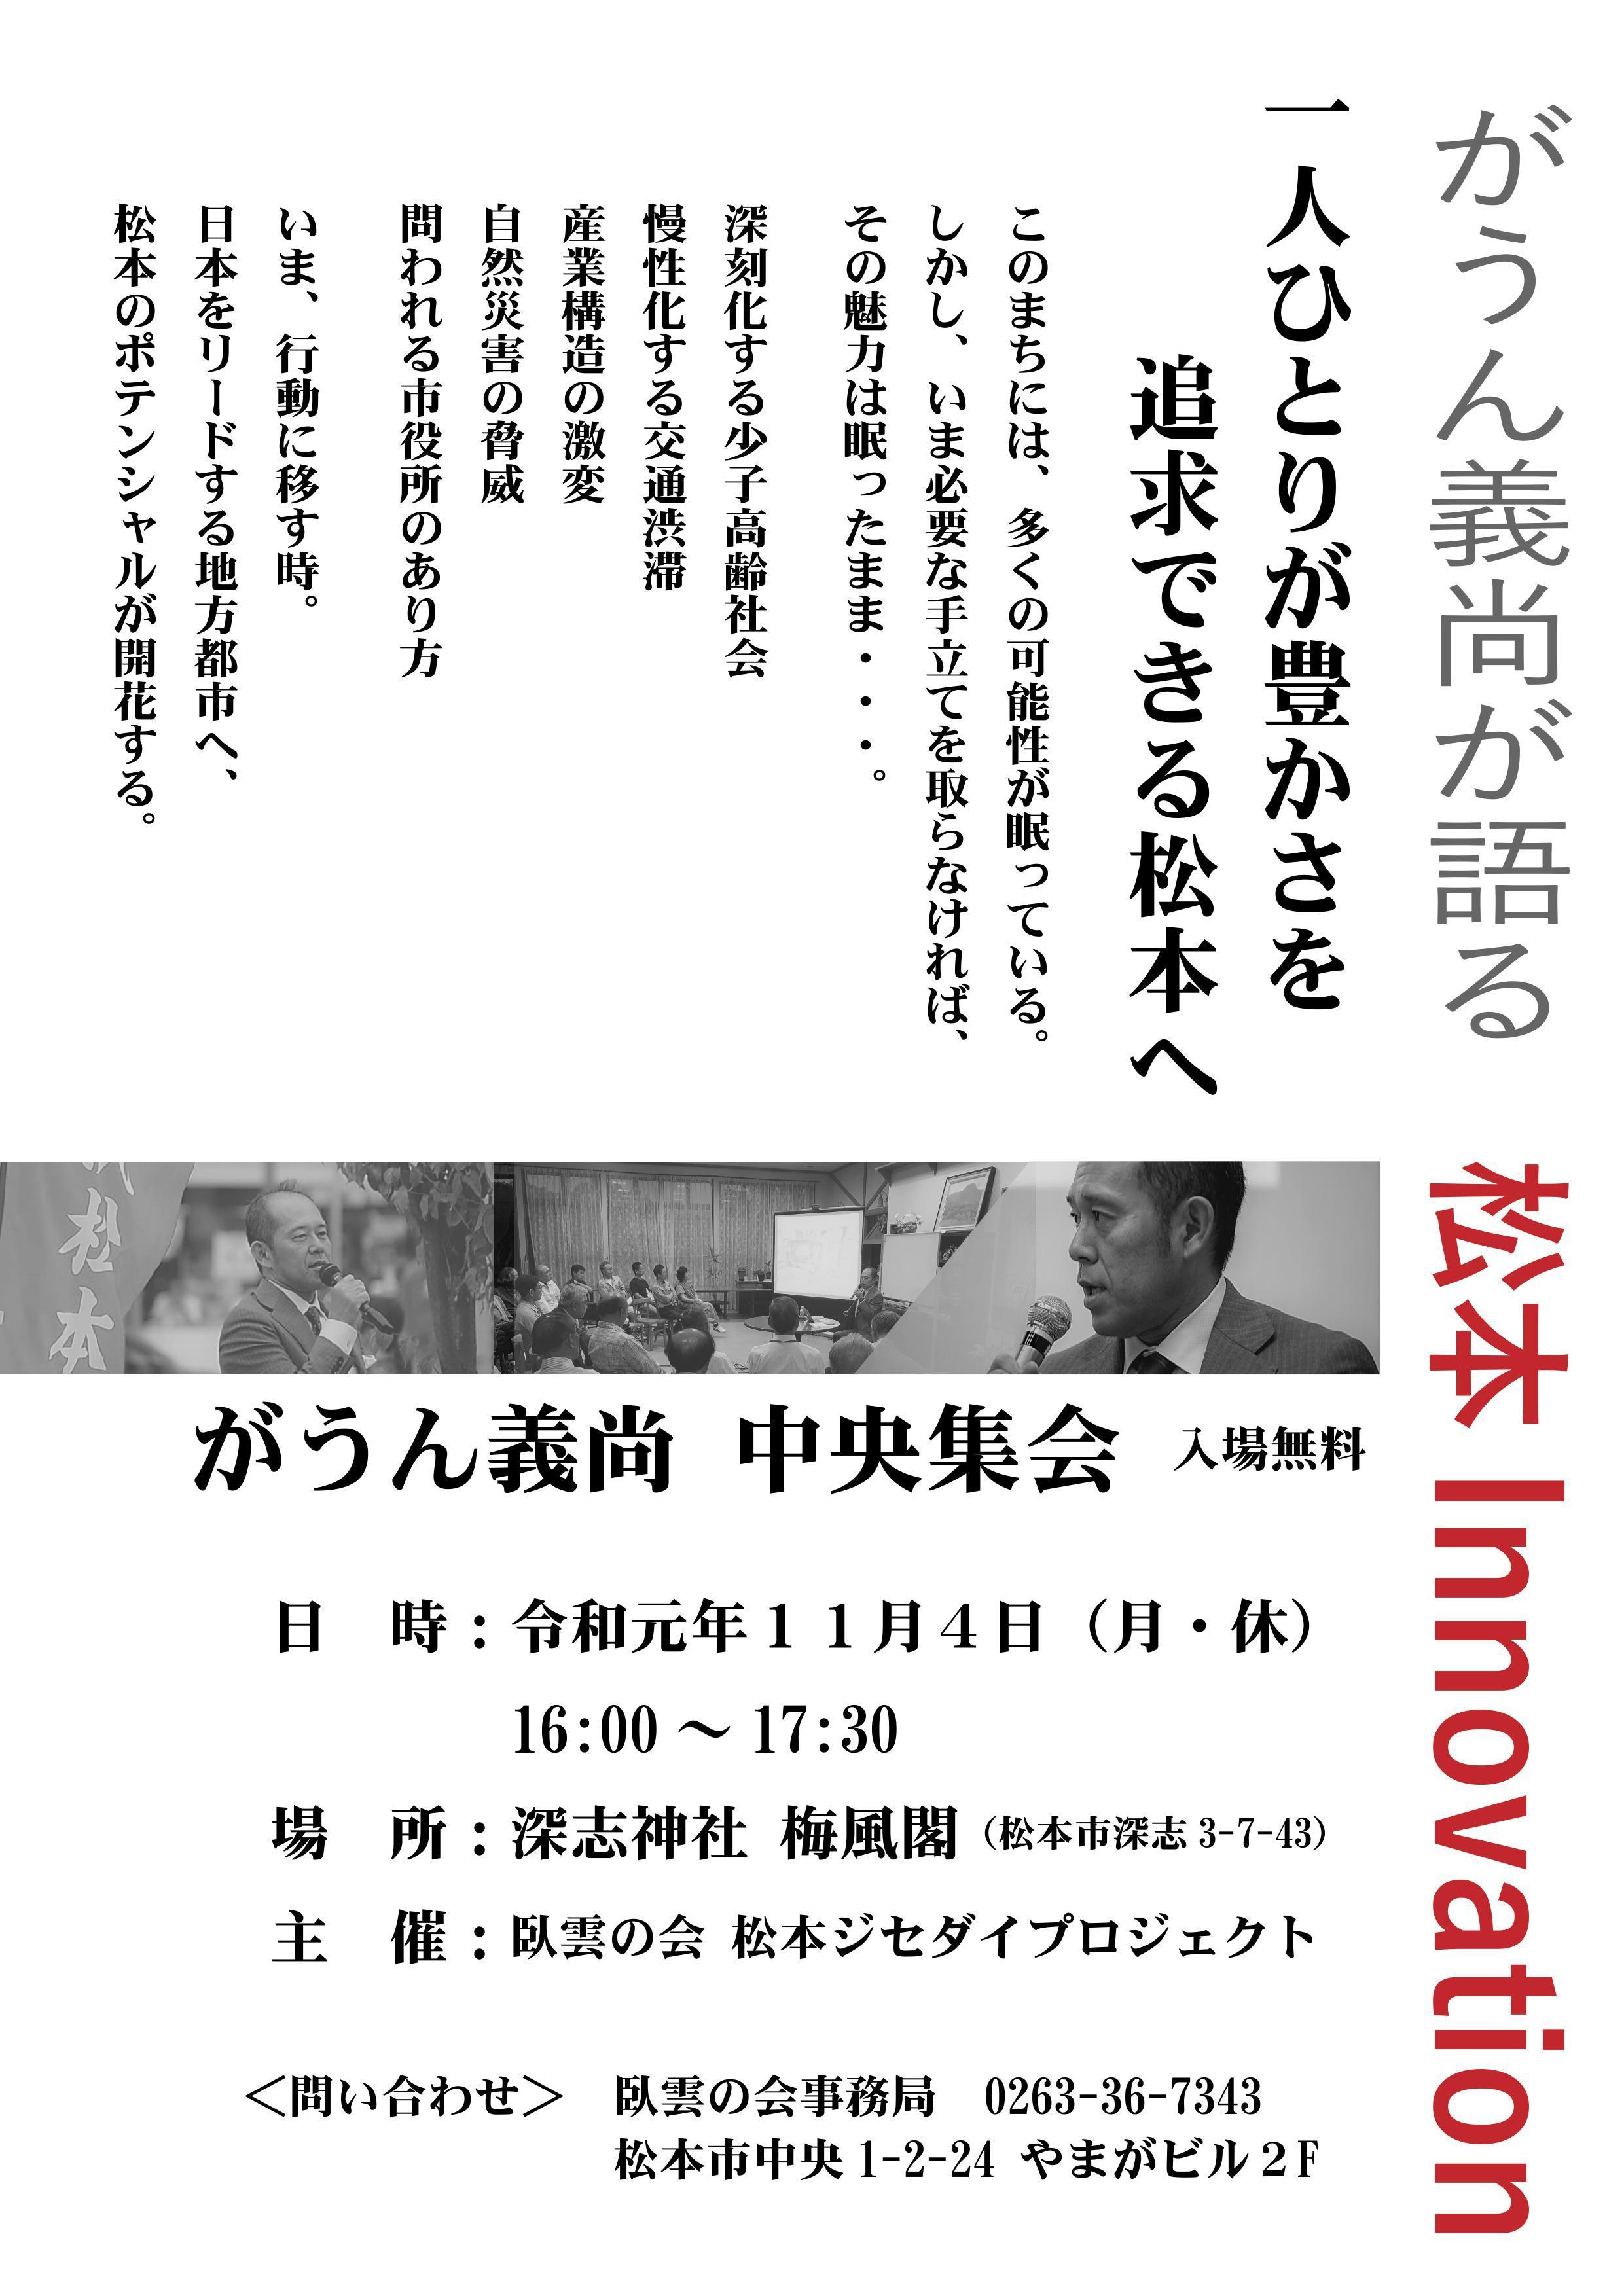 【予告】がうん義尚政策発表集会「一人ひとりが豊かさを追求できる松本へ」